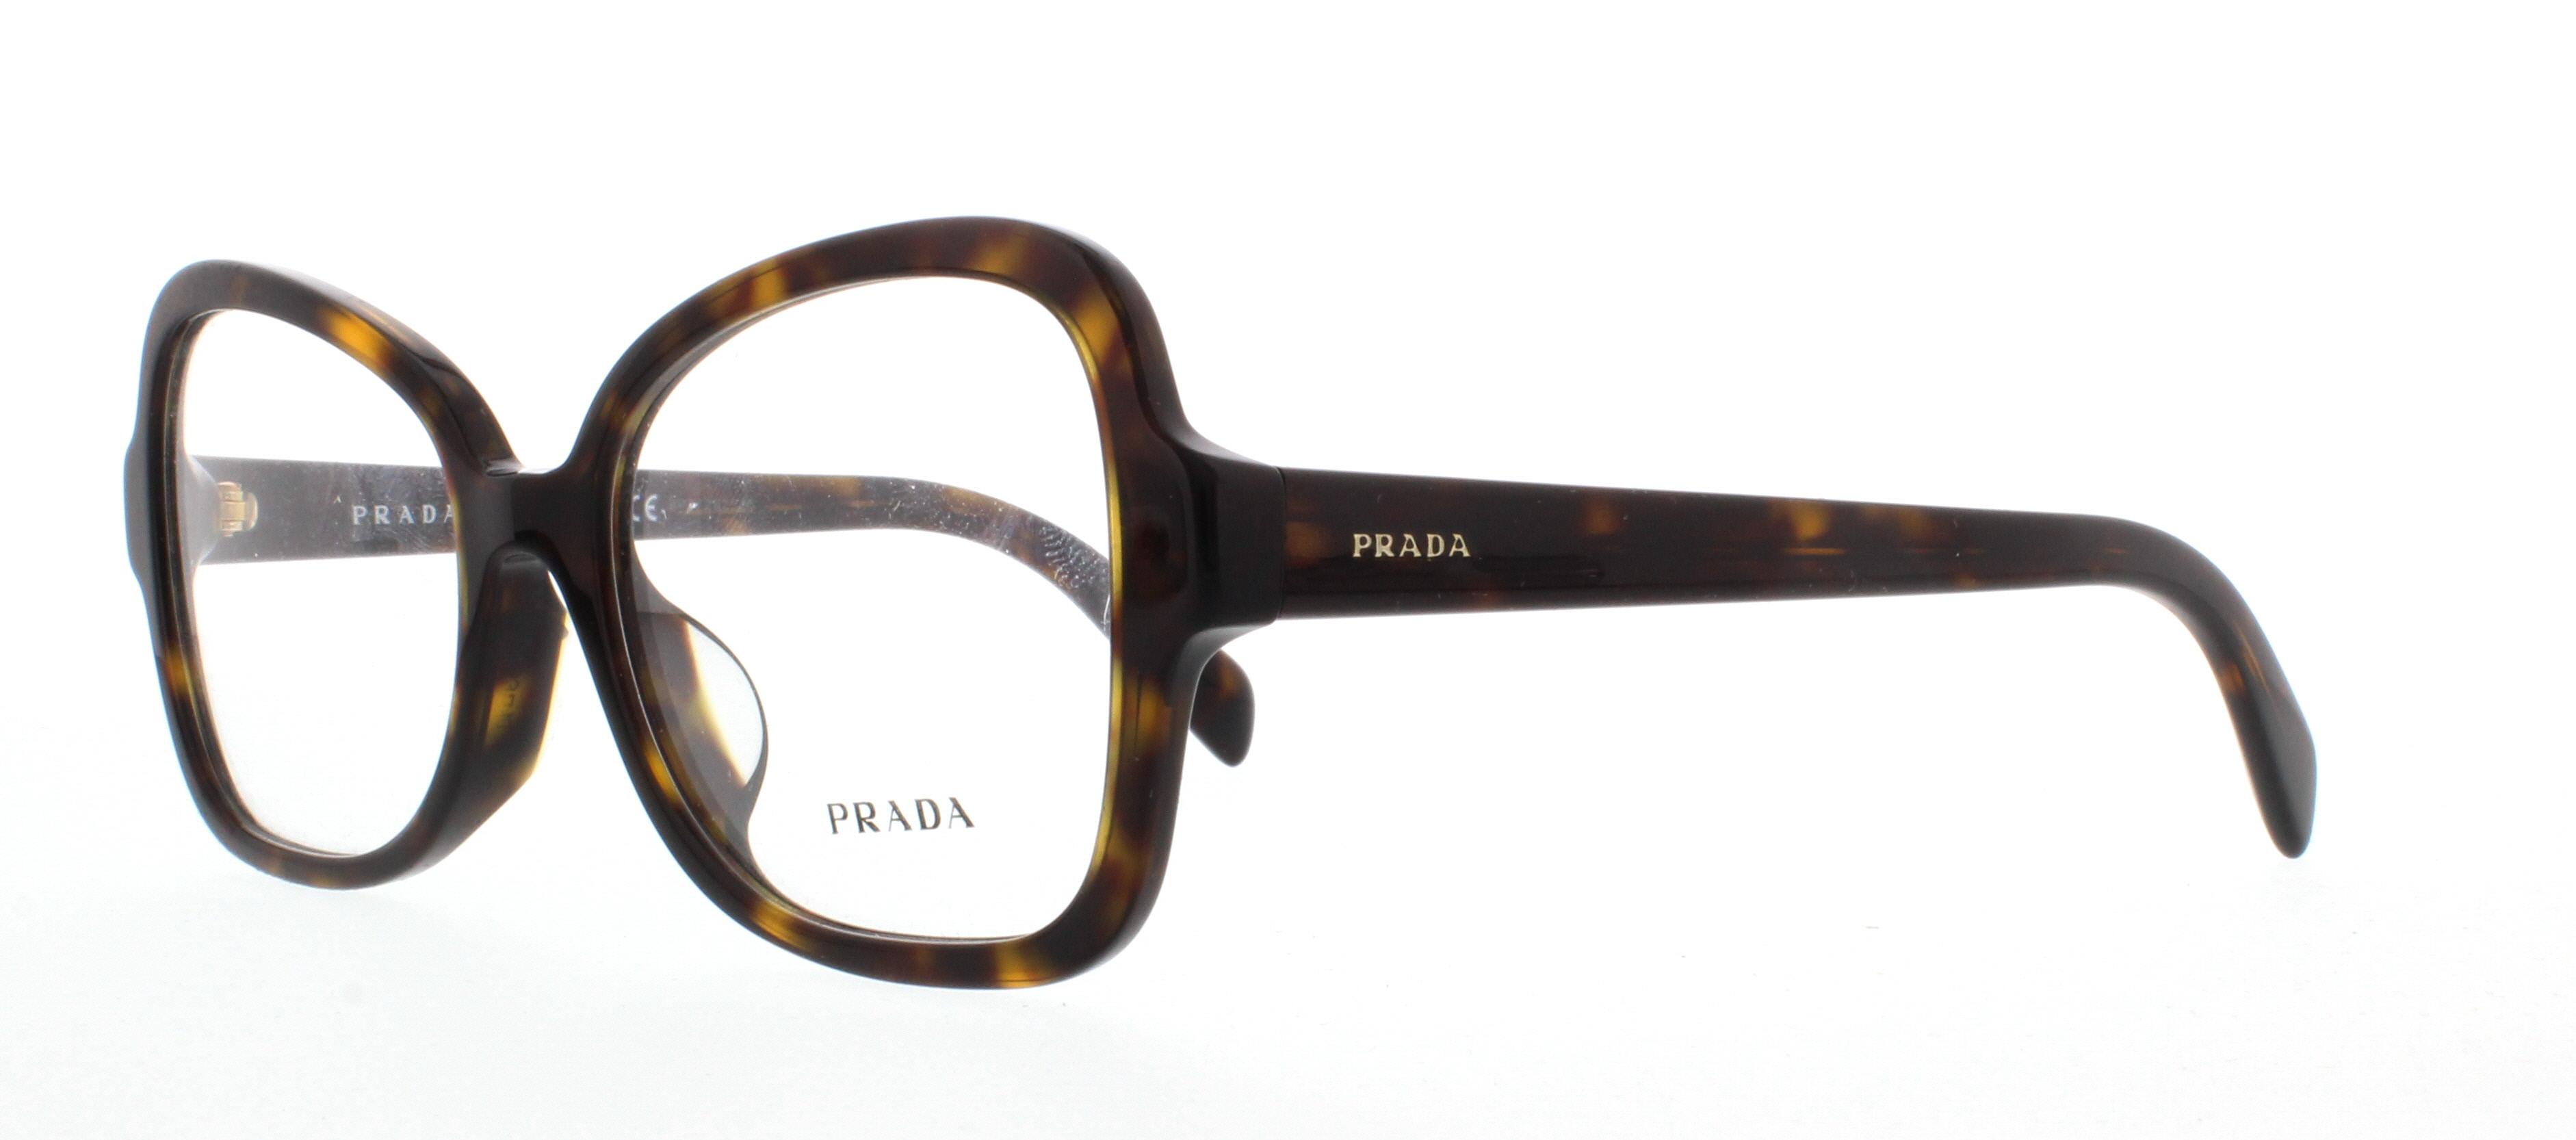 4df83e2e54f6 Designer Frames Outlet. Prada PR25SVF